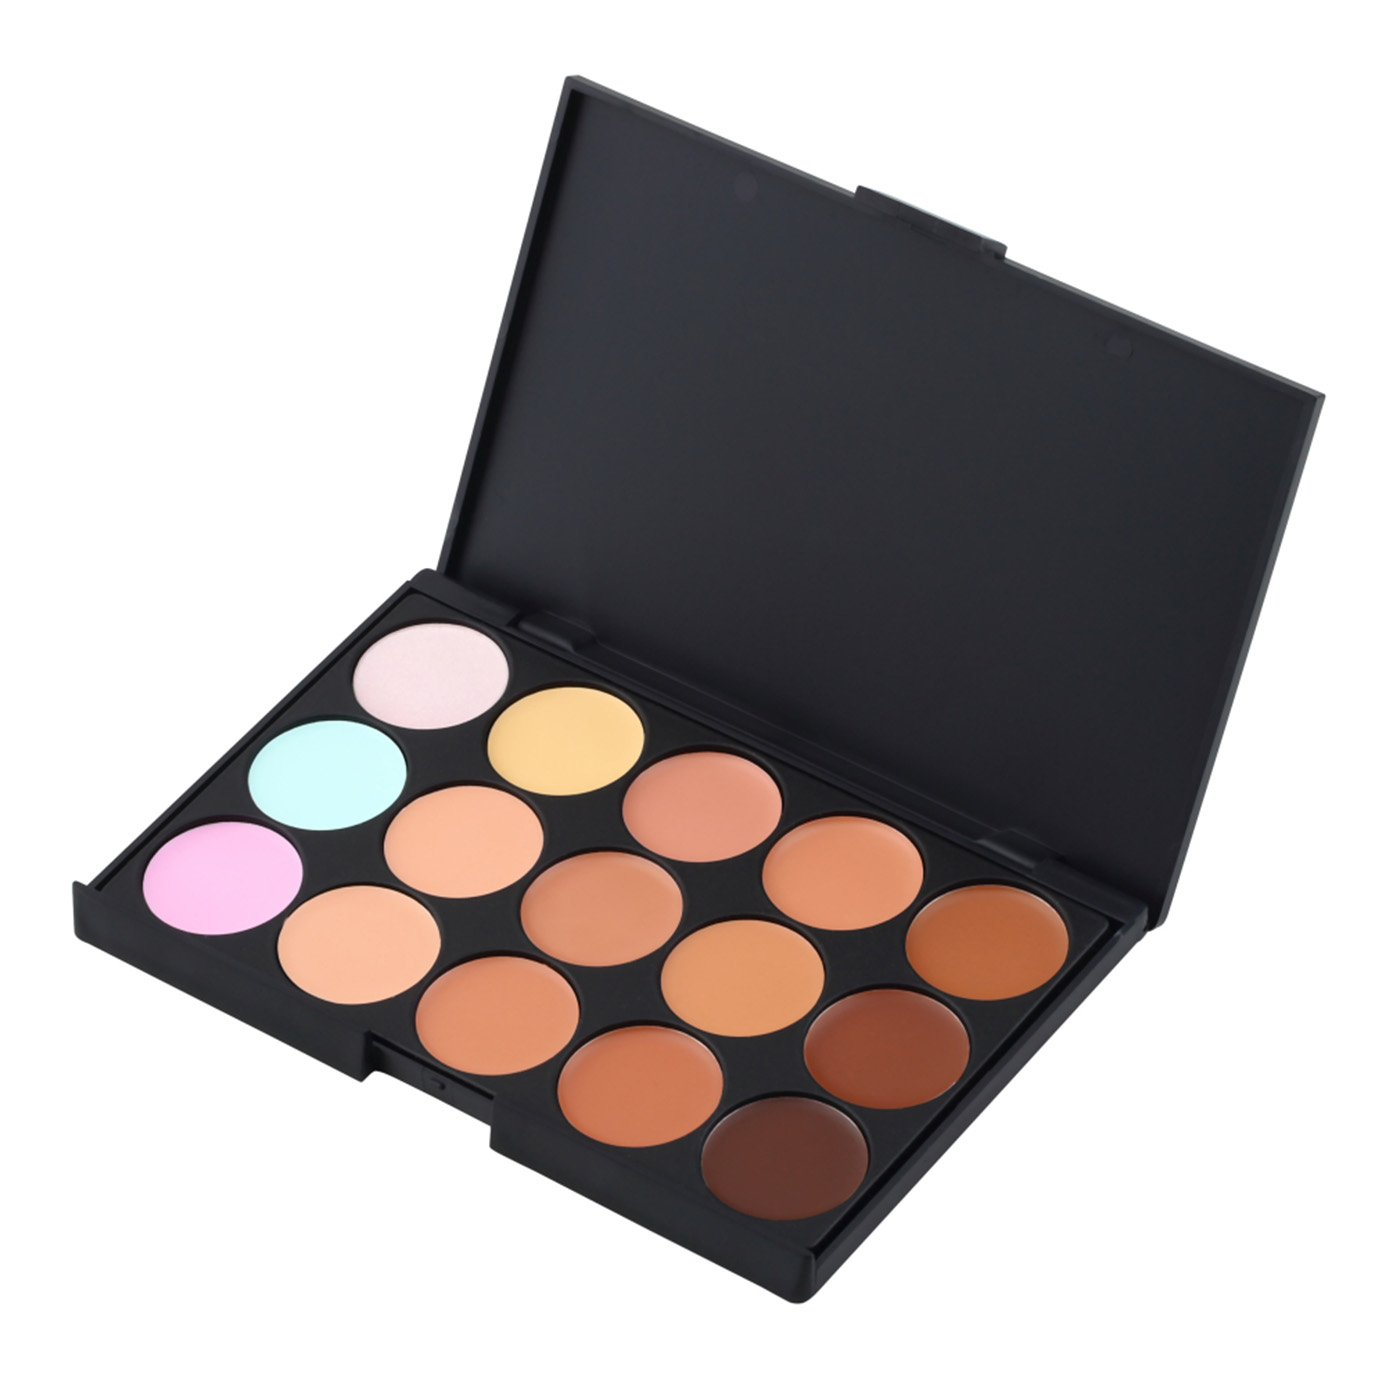 15 Farben Concealer Make-up-Palette - Make Up Set - Camouflage Palette - Beste Qualität von Schlupflid weg® SW-concealer-15kit-2